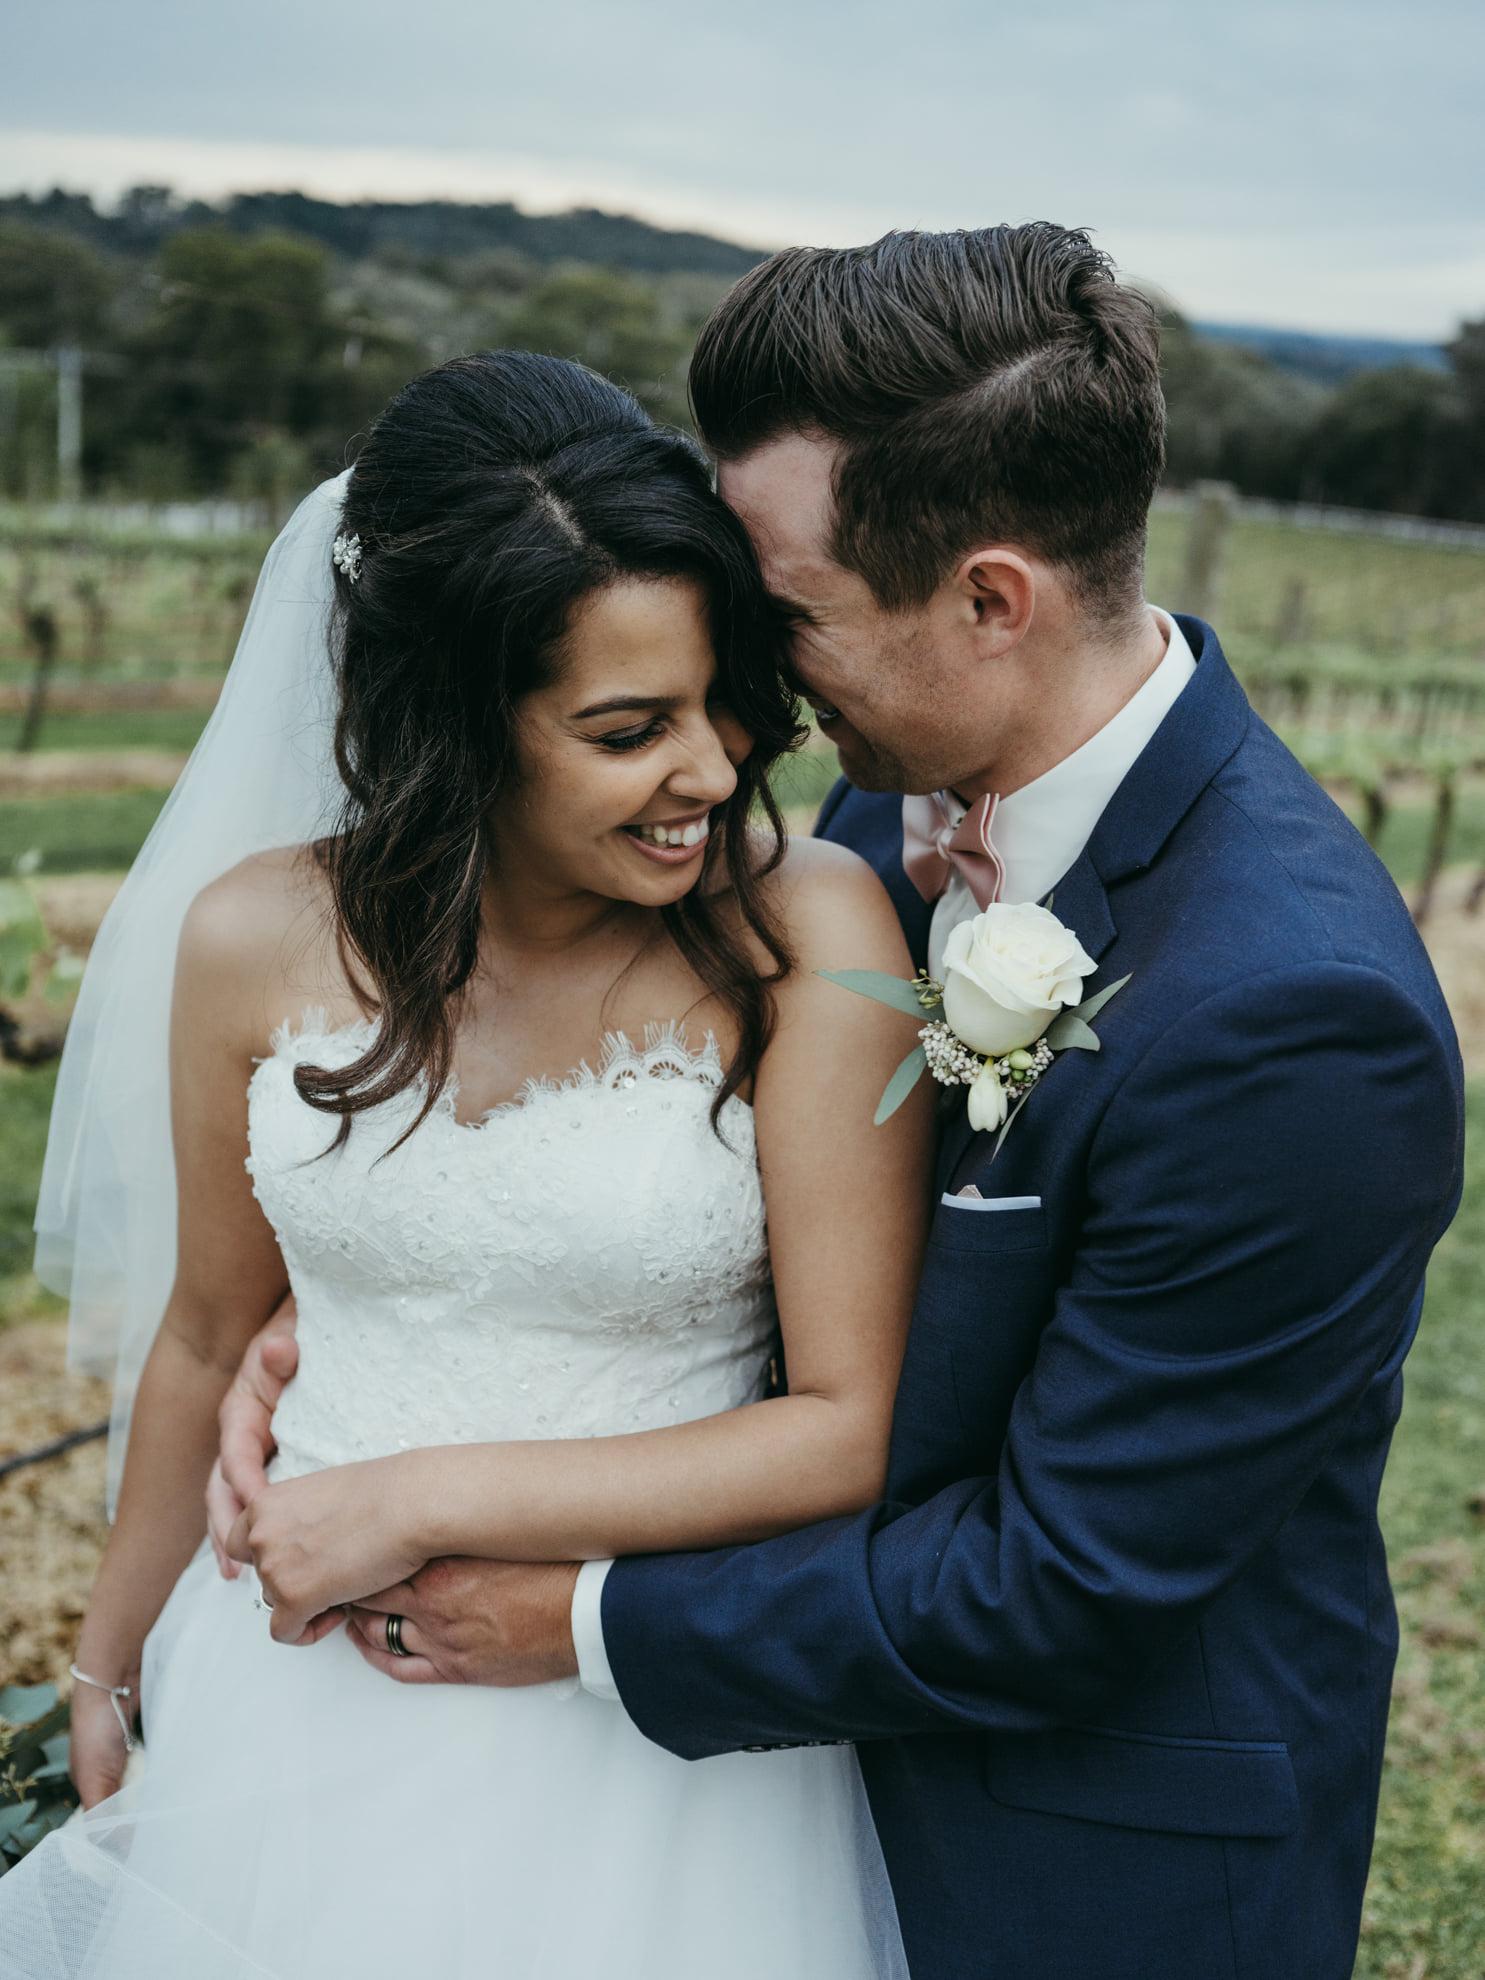 Bridal Hem shortening